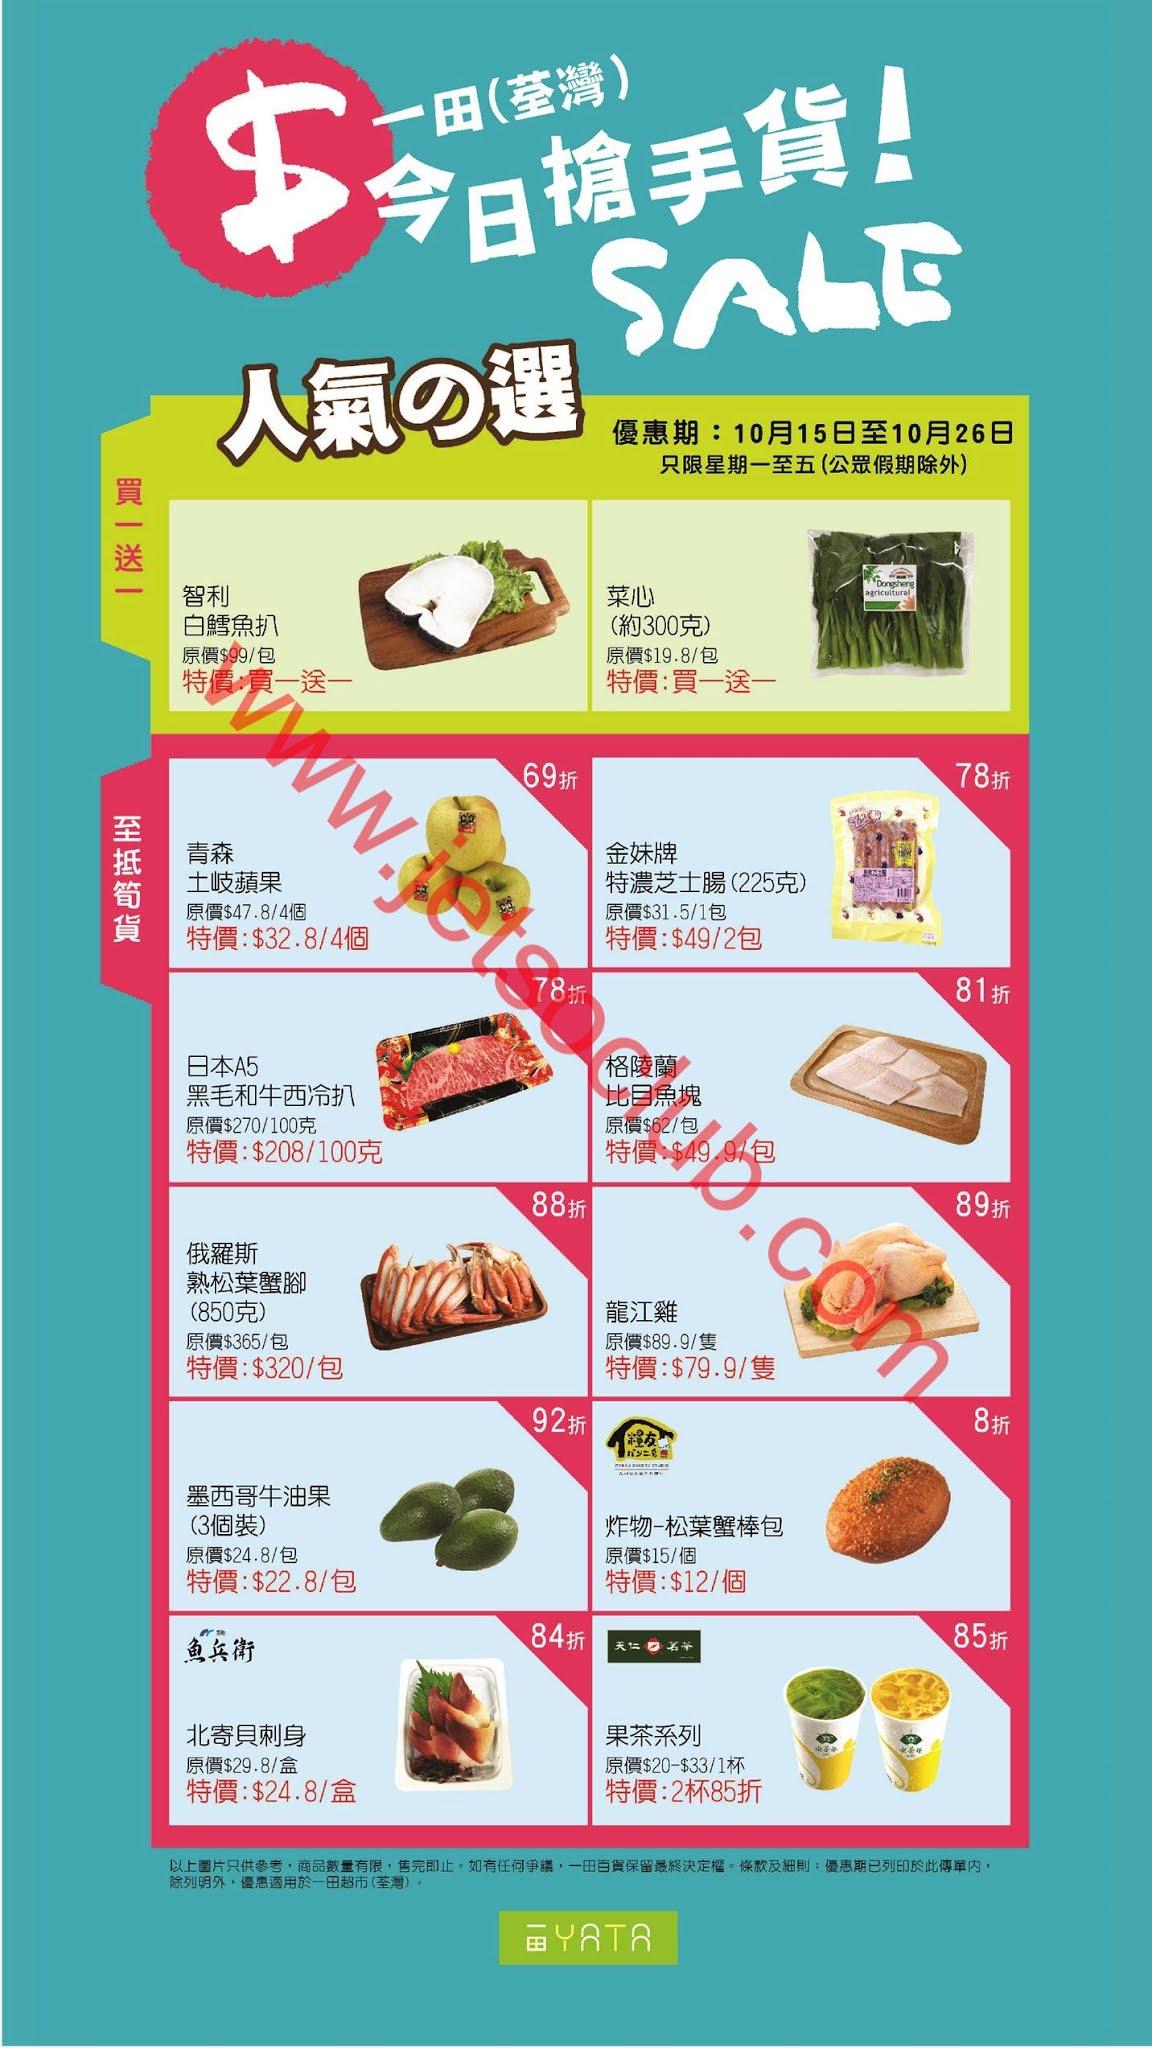 一田超市:荃灣/將軍澳店 今日搶手貨(15-26/10) ( Jetso Club 著數俱樂部 )